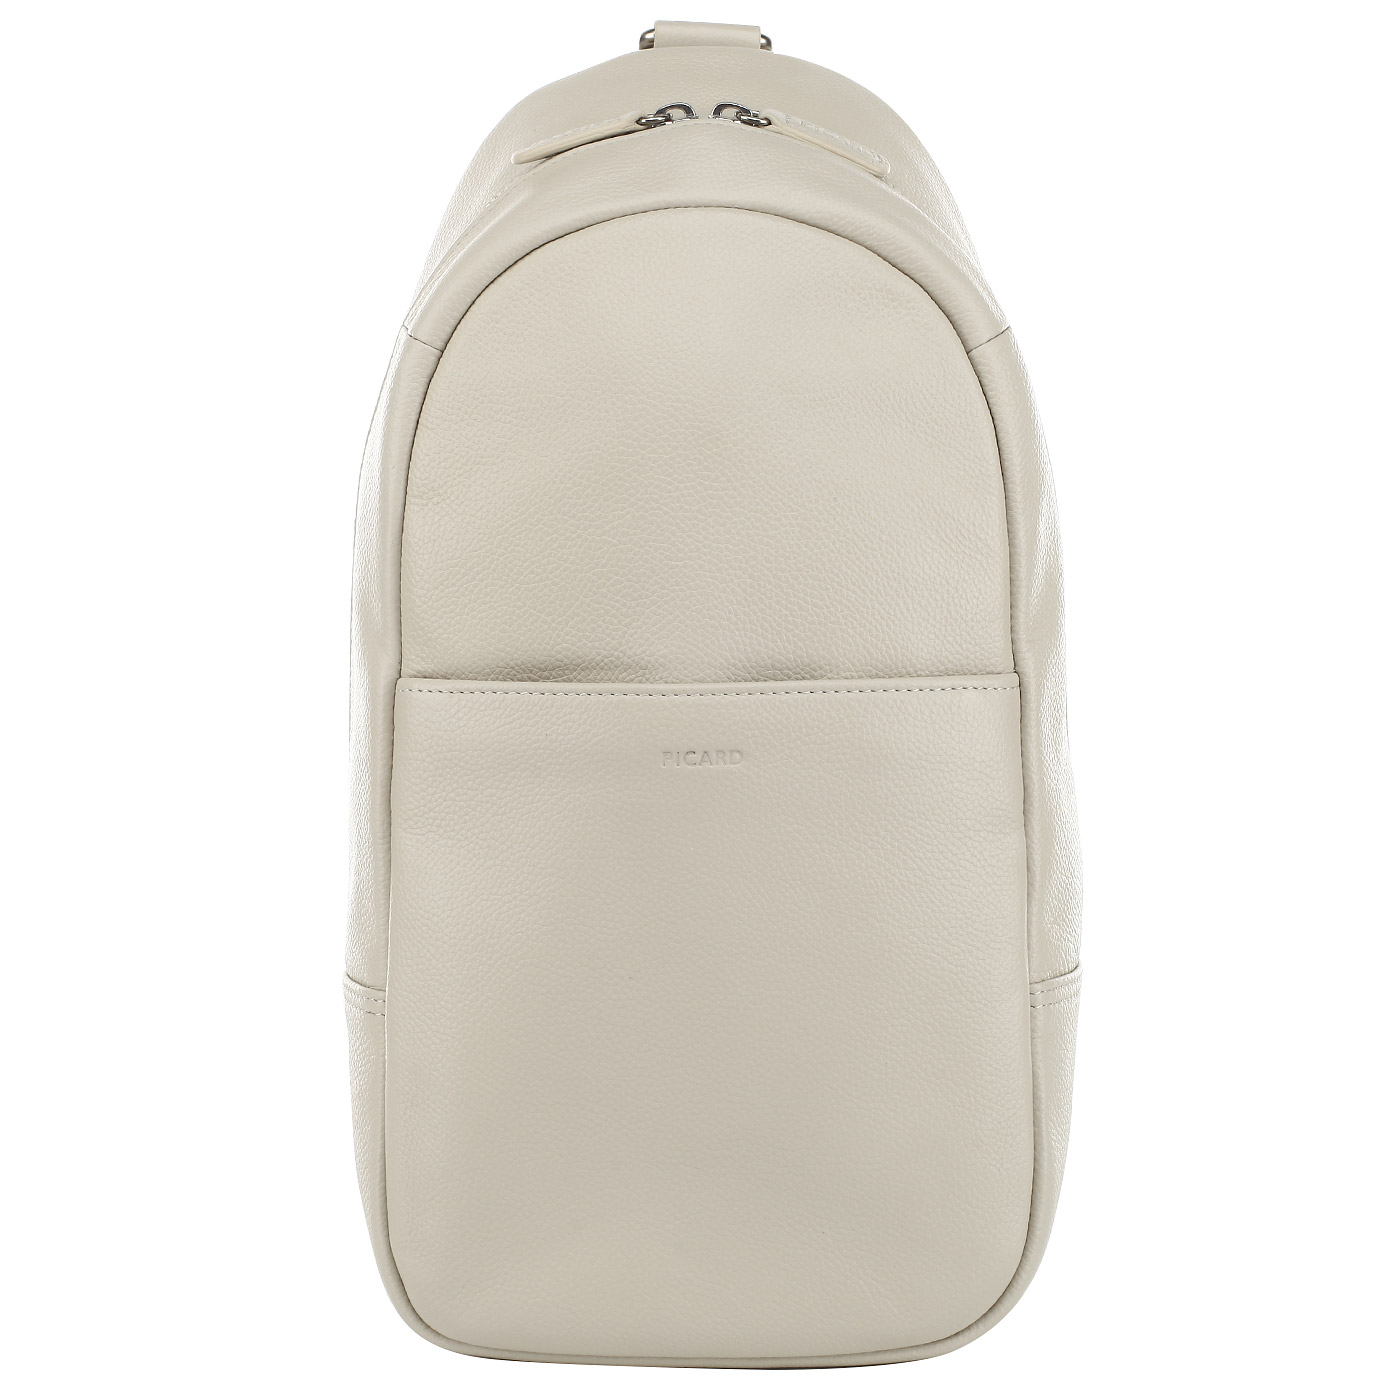 388c1be8aefb Кожаный рюкзак с одной лямкой Picard Luis 8313 851_crema ...